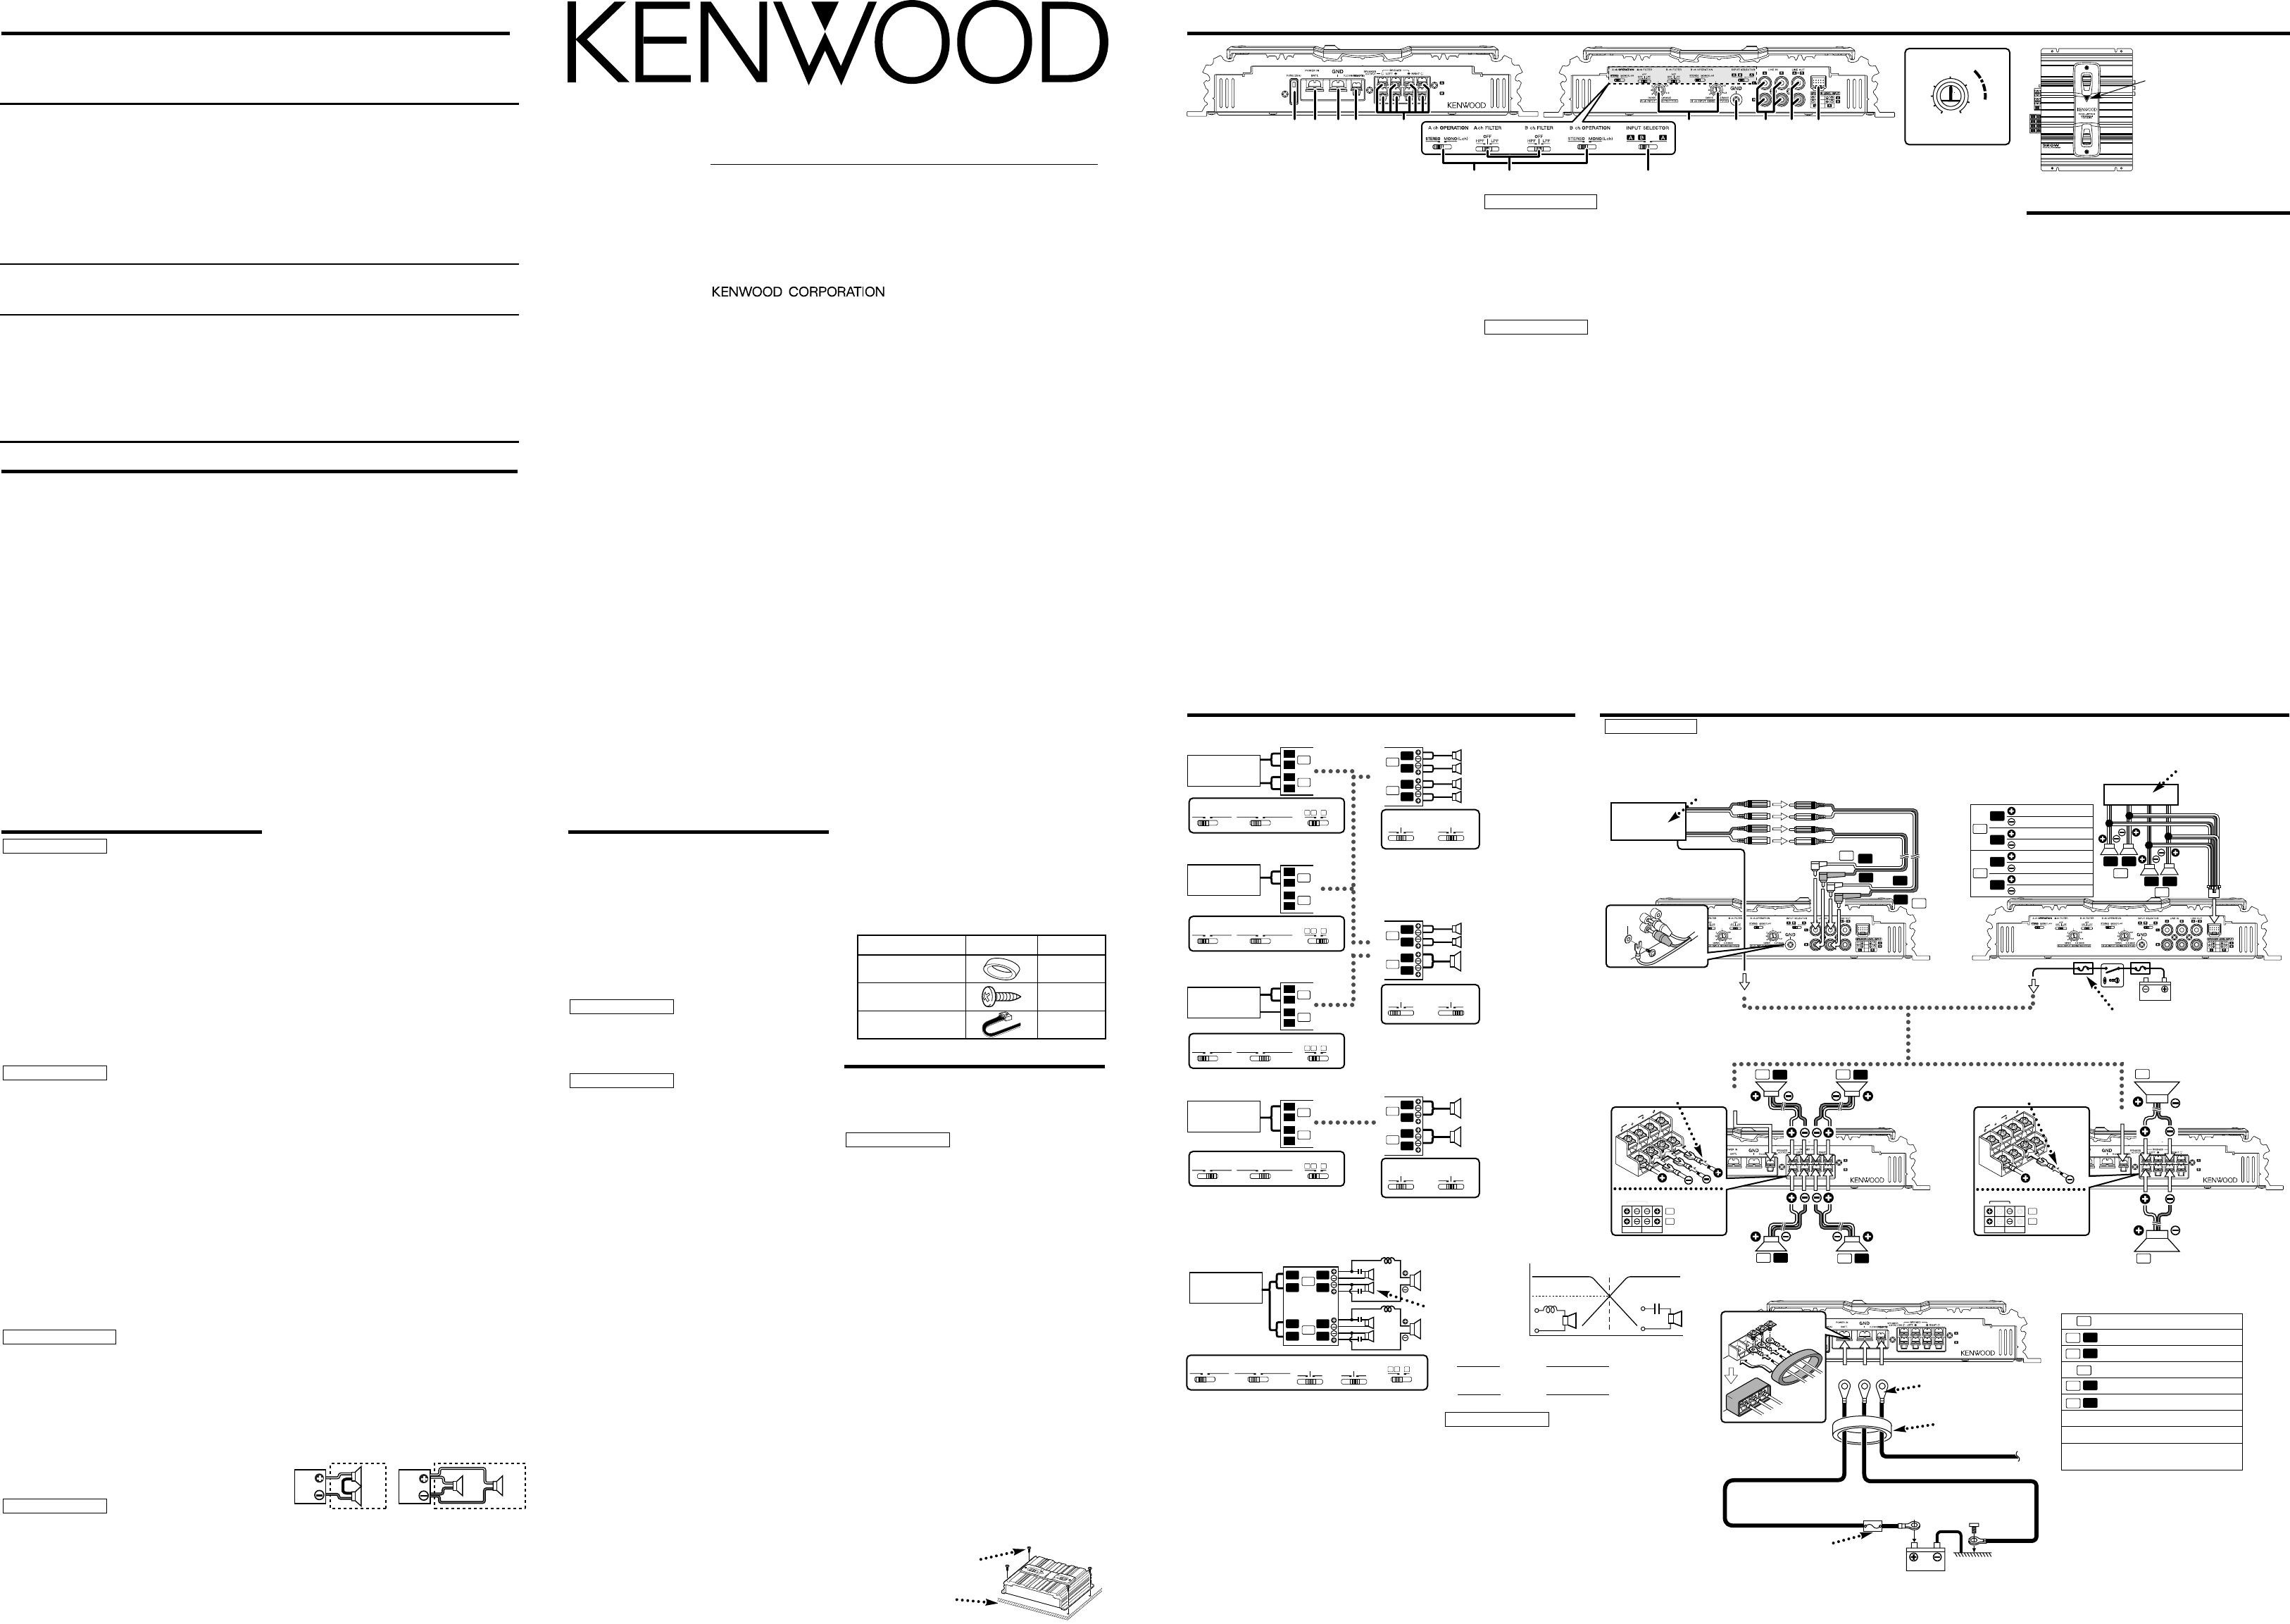 Bedienungsanleitung Kenwood KAC-6401 (Seite 1 von 2) (Deutsch ...